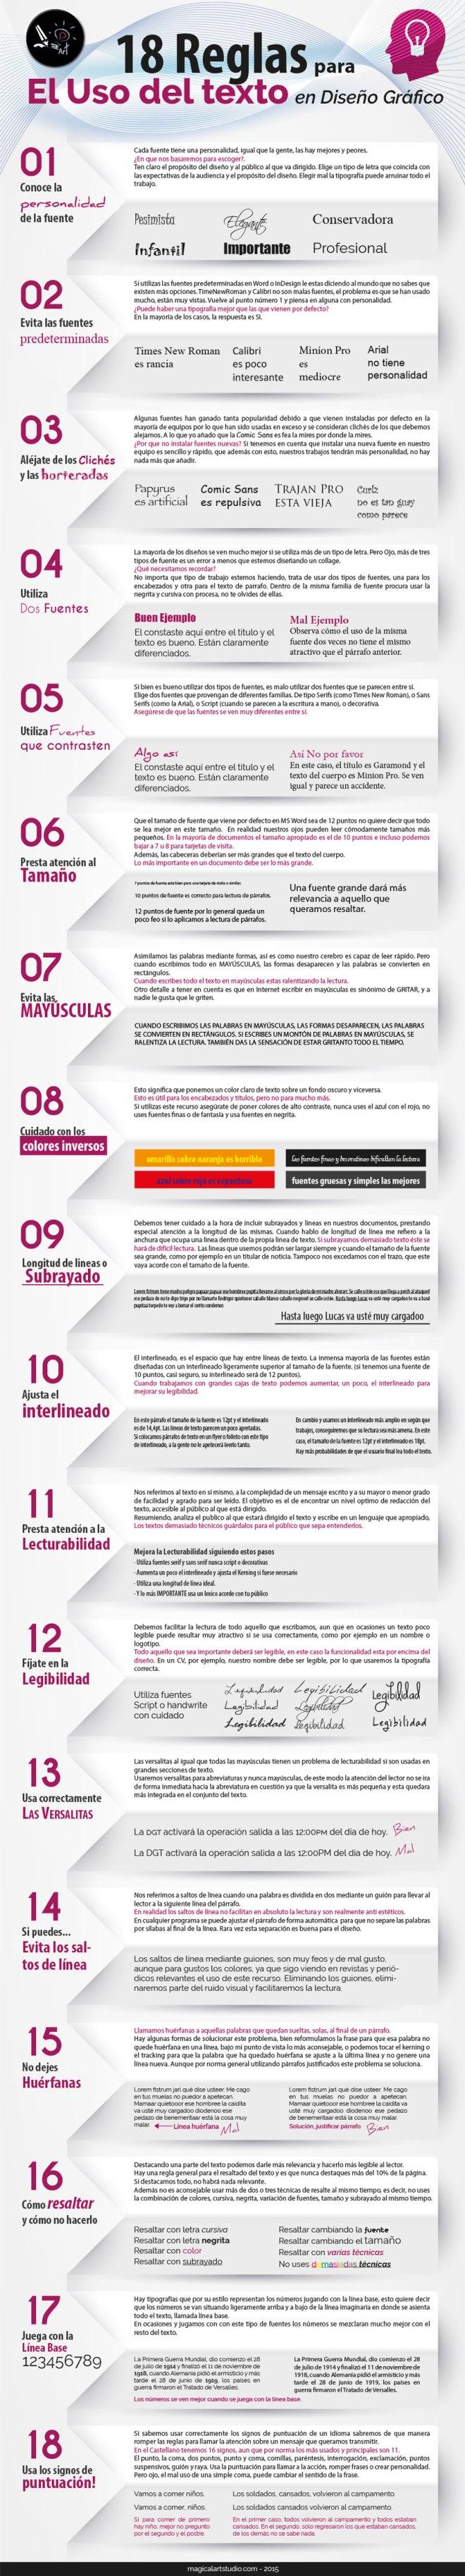 18 reglas para el uso de Texto en Diseño Gráfico